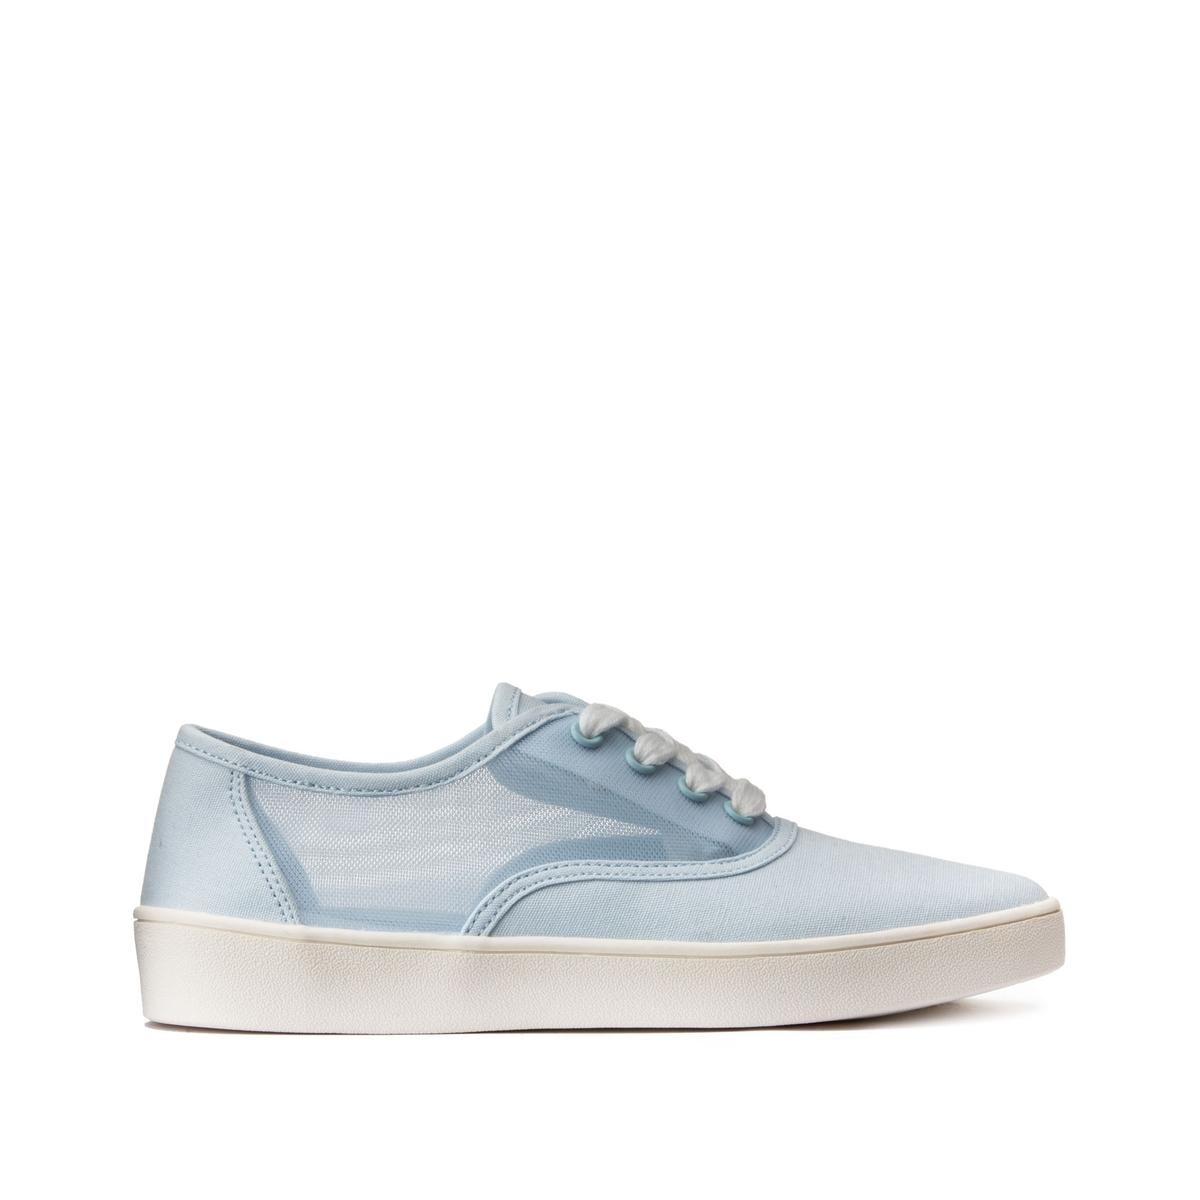 Кеды LaRedoute Тканевые на шнуровке с прозрачными вставками 38 синий